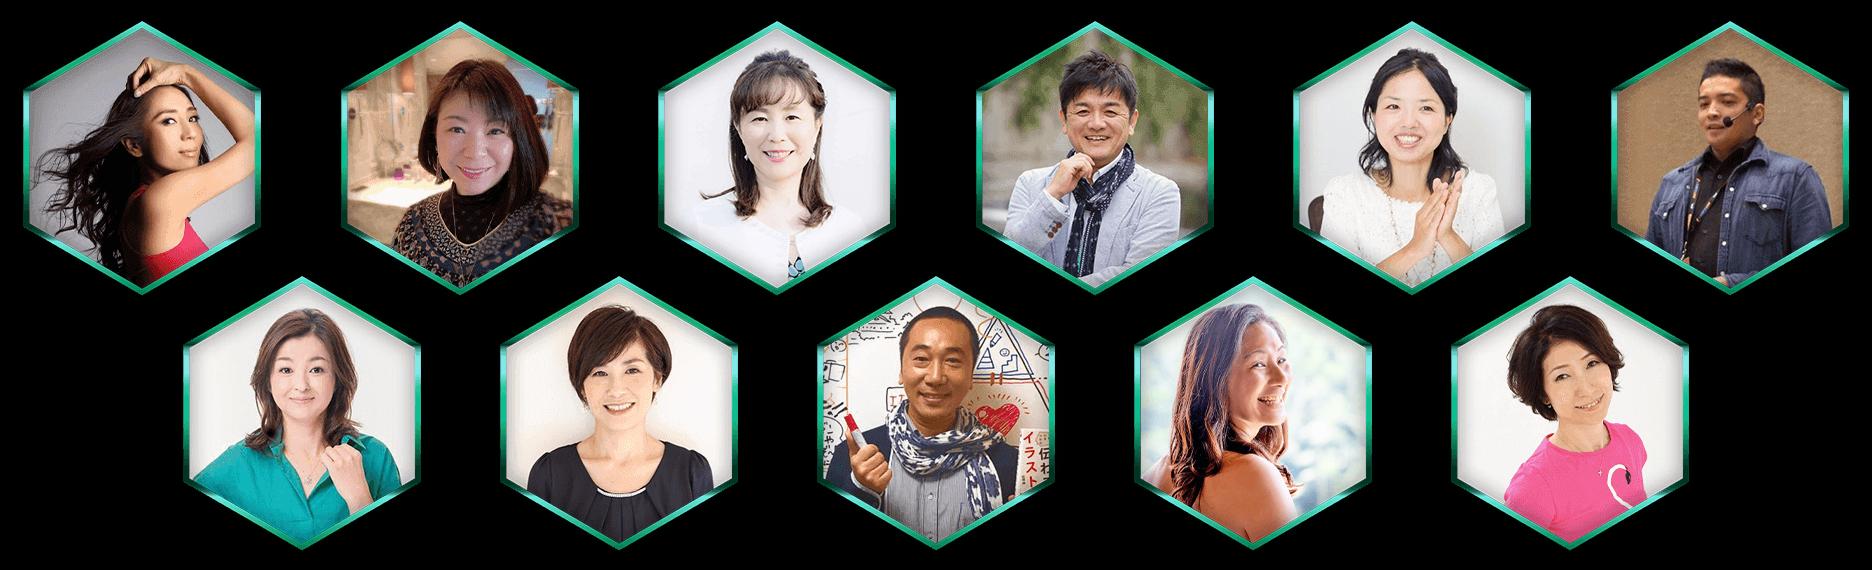 あなたの価値をもっと多くの人々に届けて豊かな未来を創る LIVEサミット パラレルキャリアグローバル2021